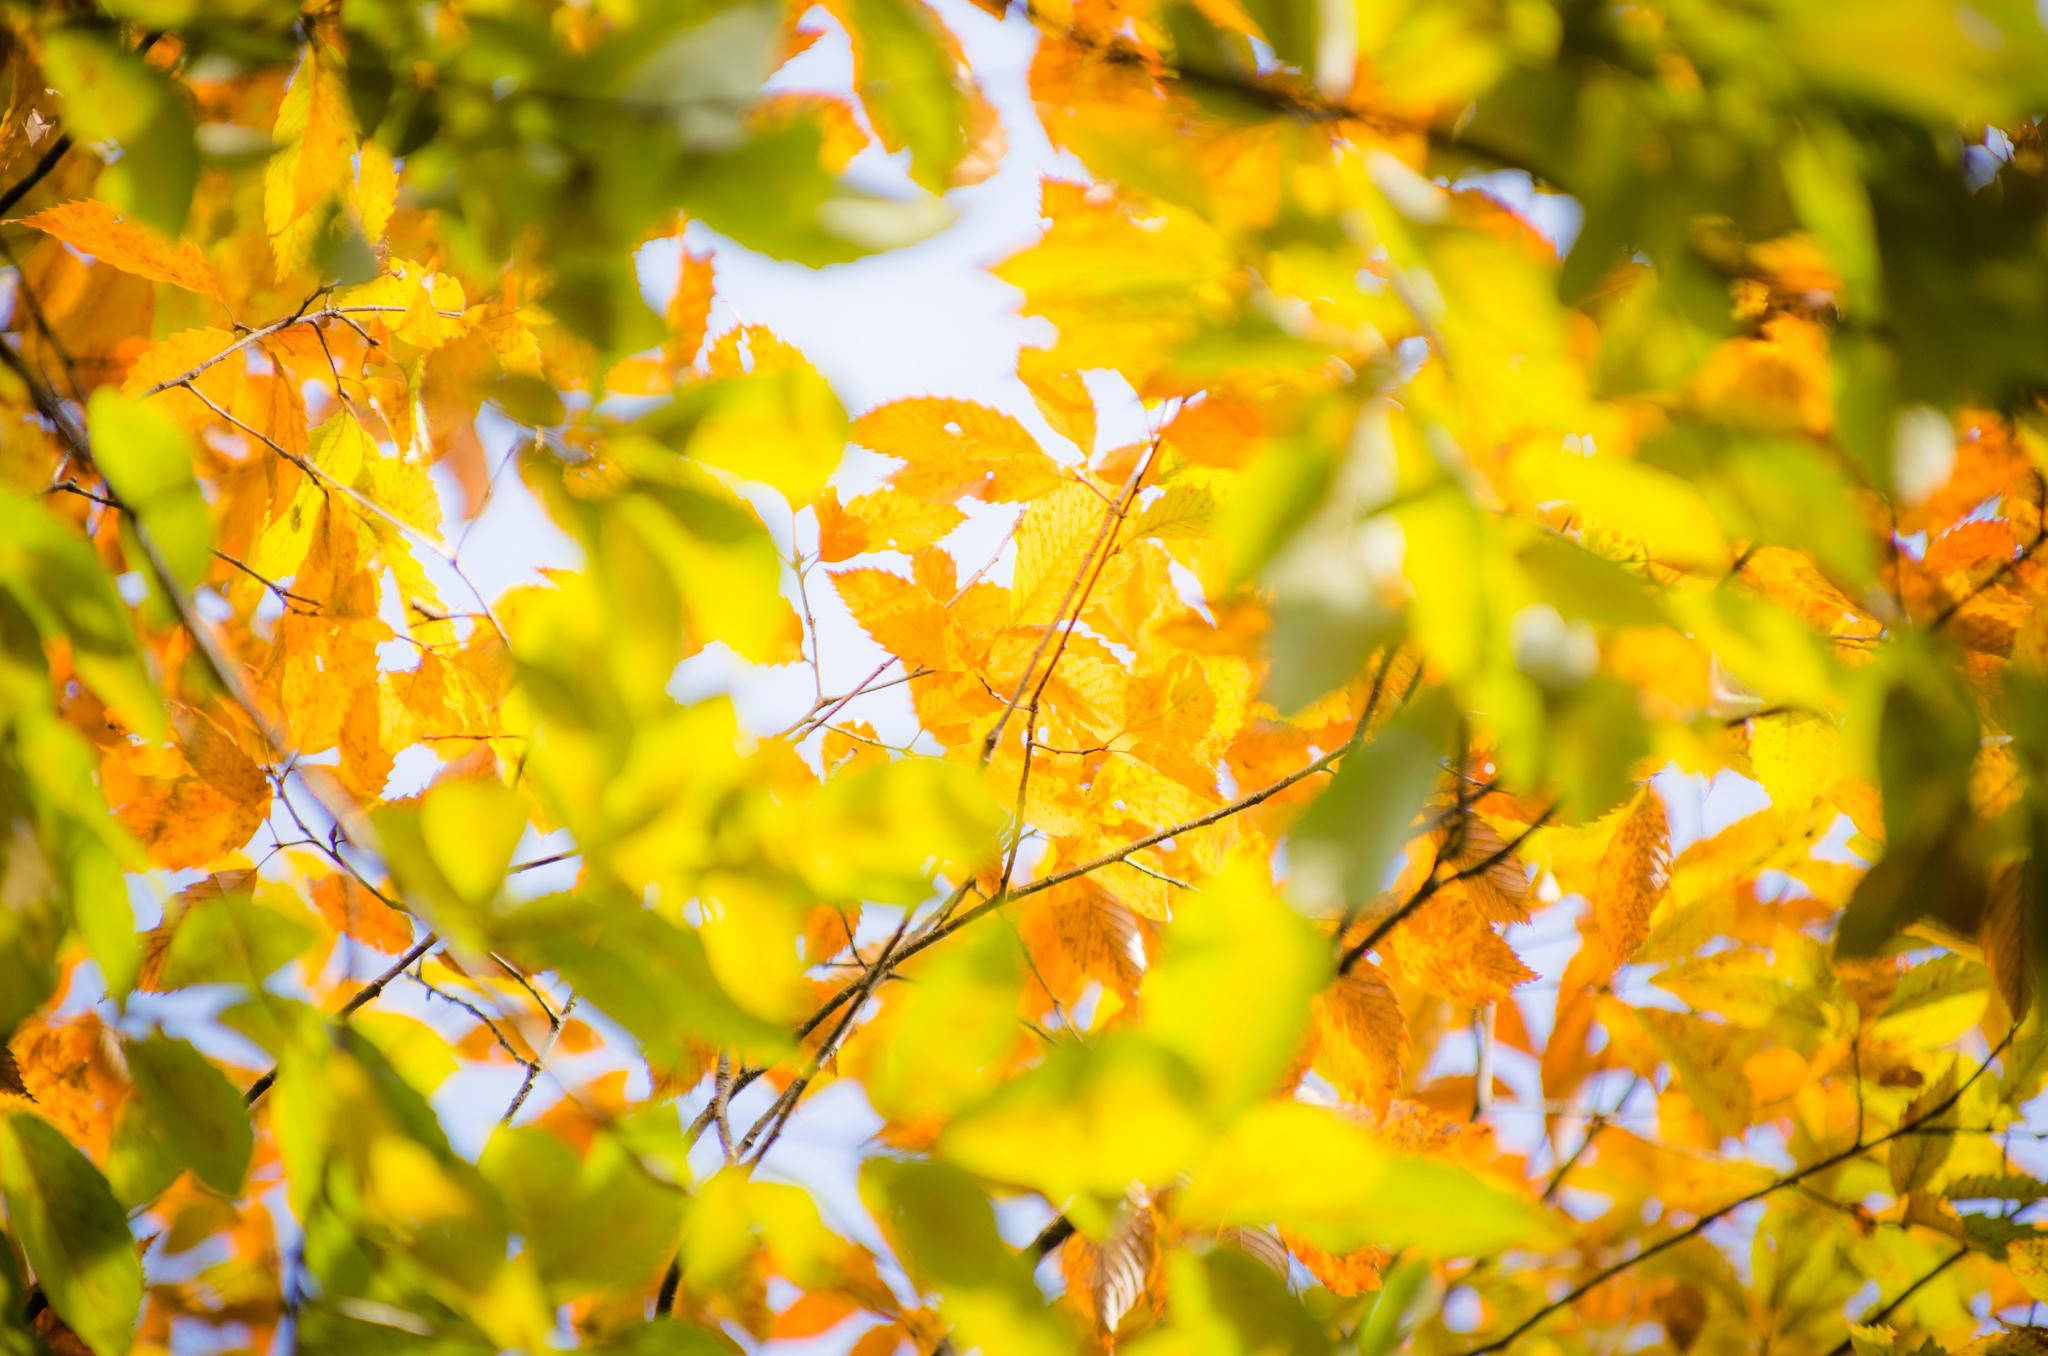 ветка осень листья бесплатно